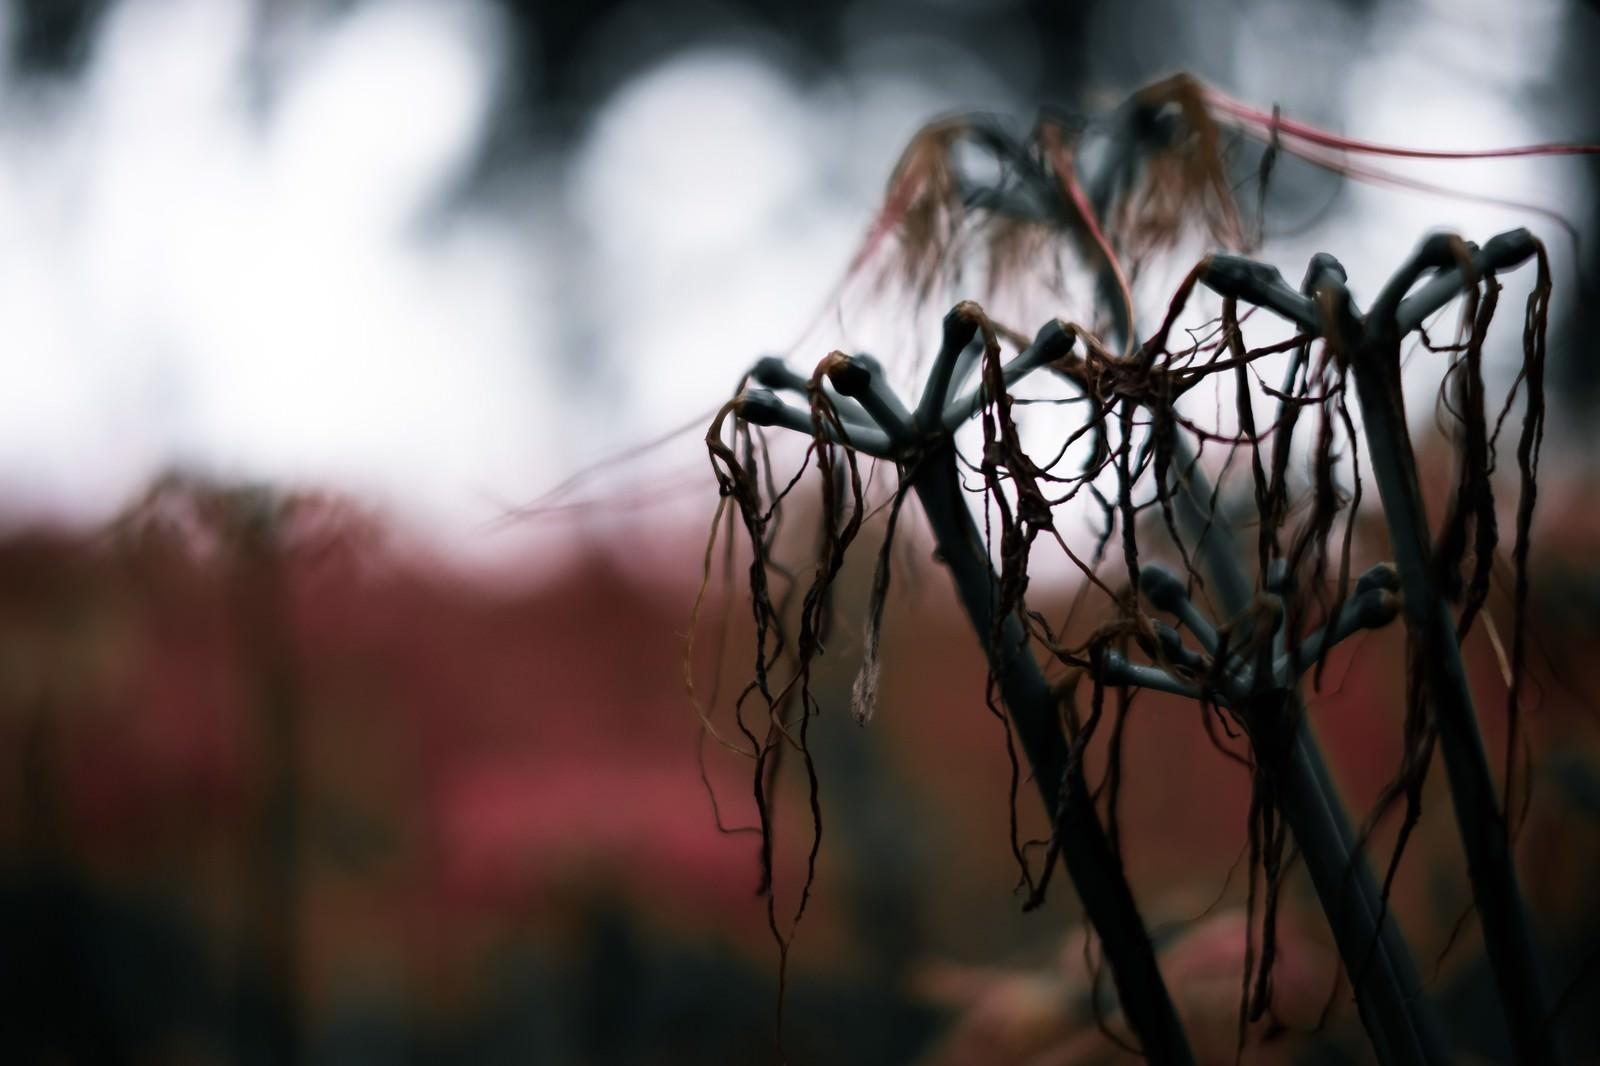 「枯れて散りゆく彼岸花」の写真